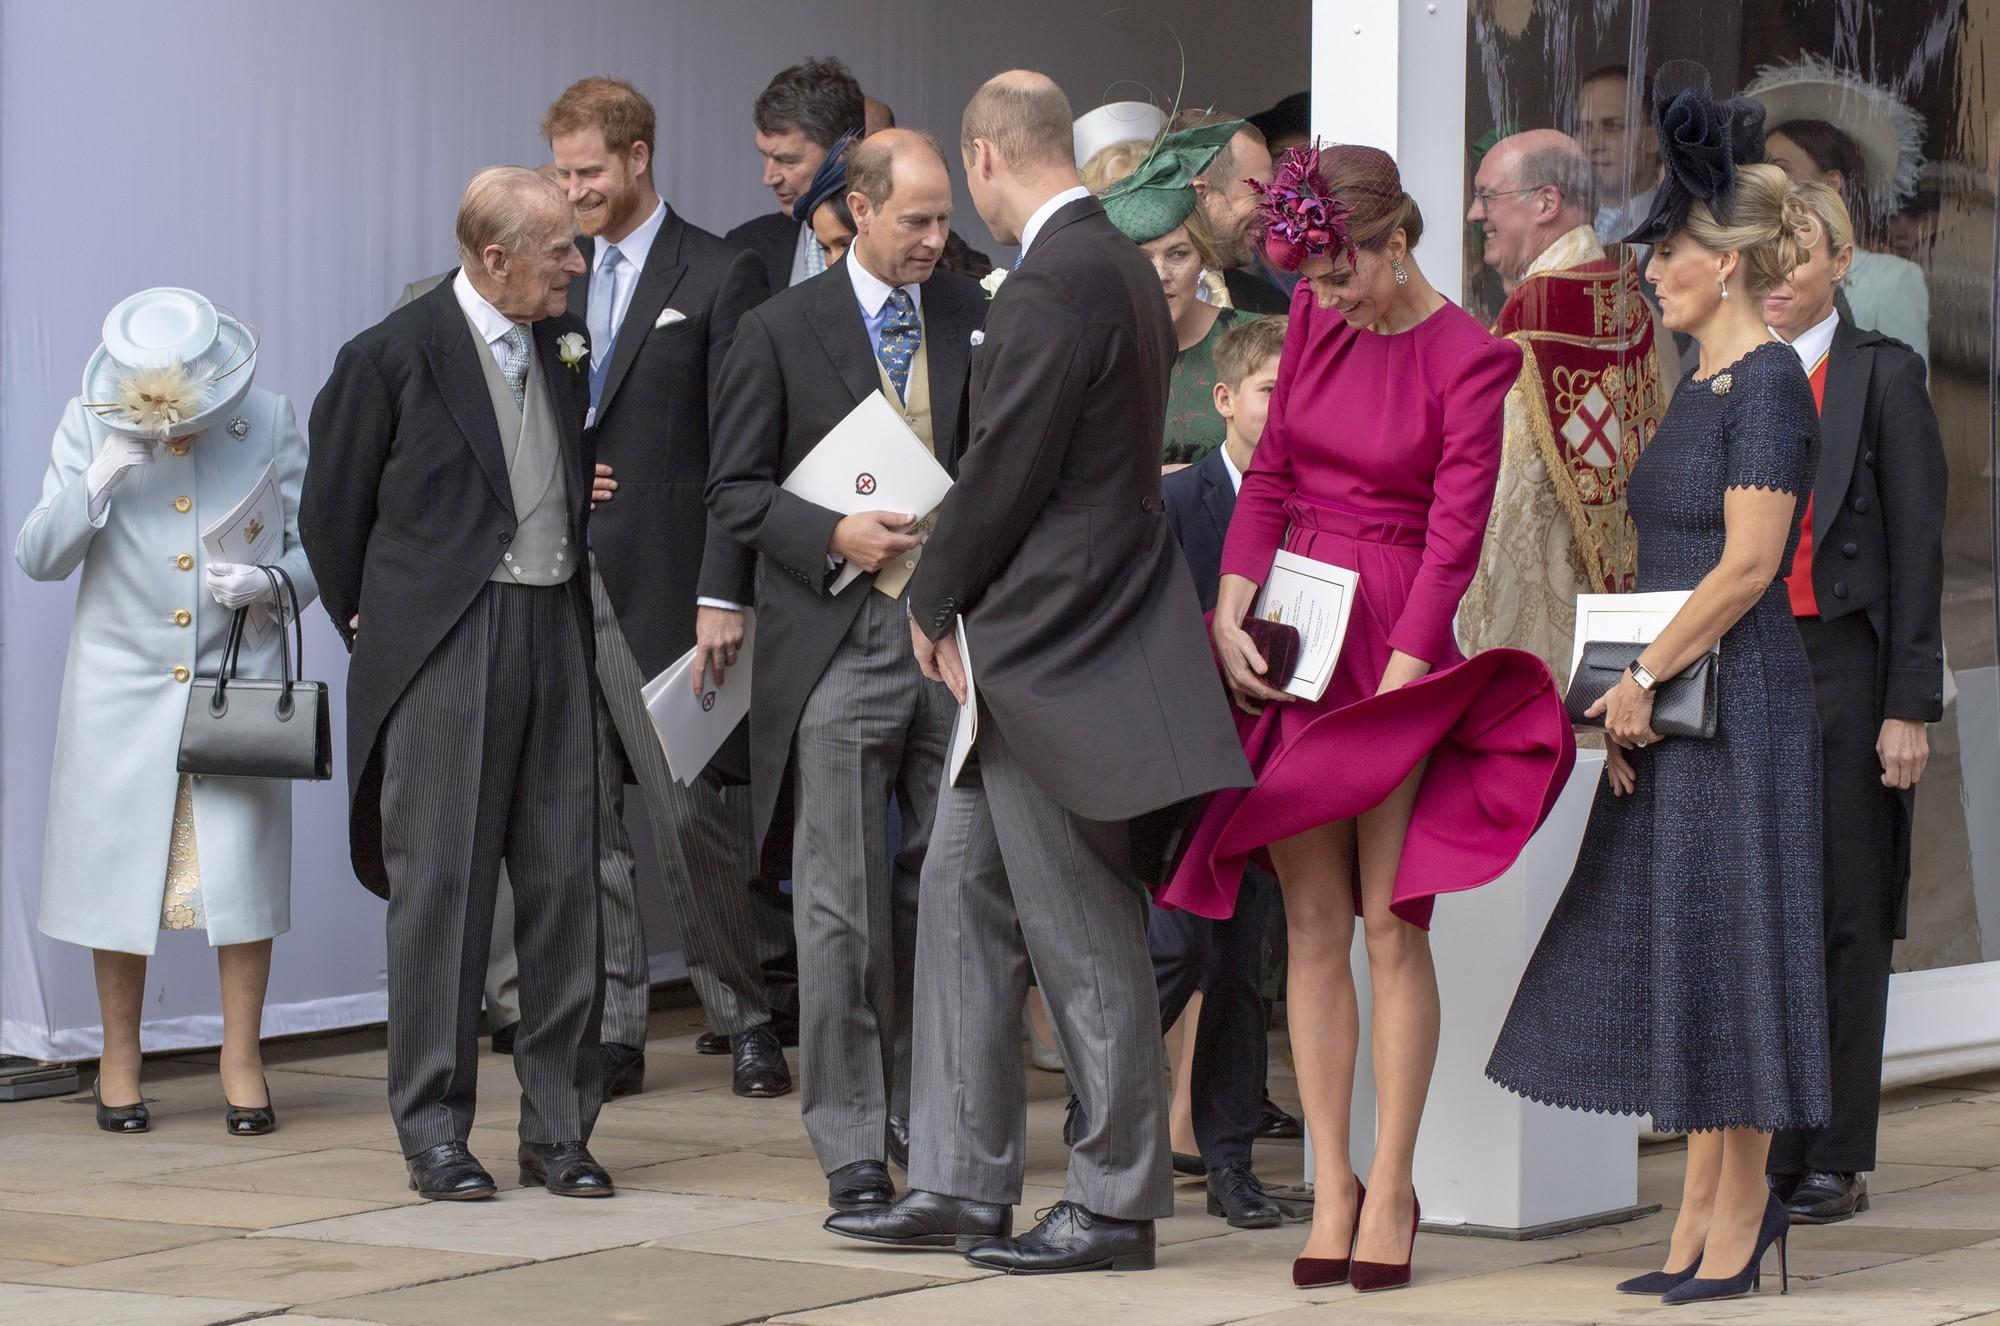 Tinh tế là thế nhưng Công nương Kate cũng không ít lần muối mặt vì gió lớn, suýt gây ra scandal lộ hàng - Ảnh 9.